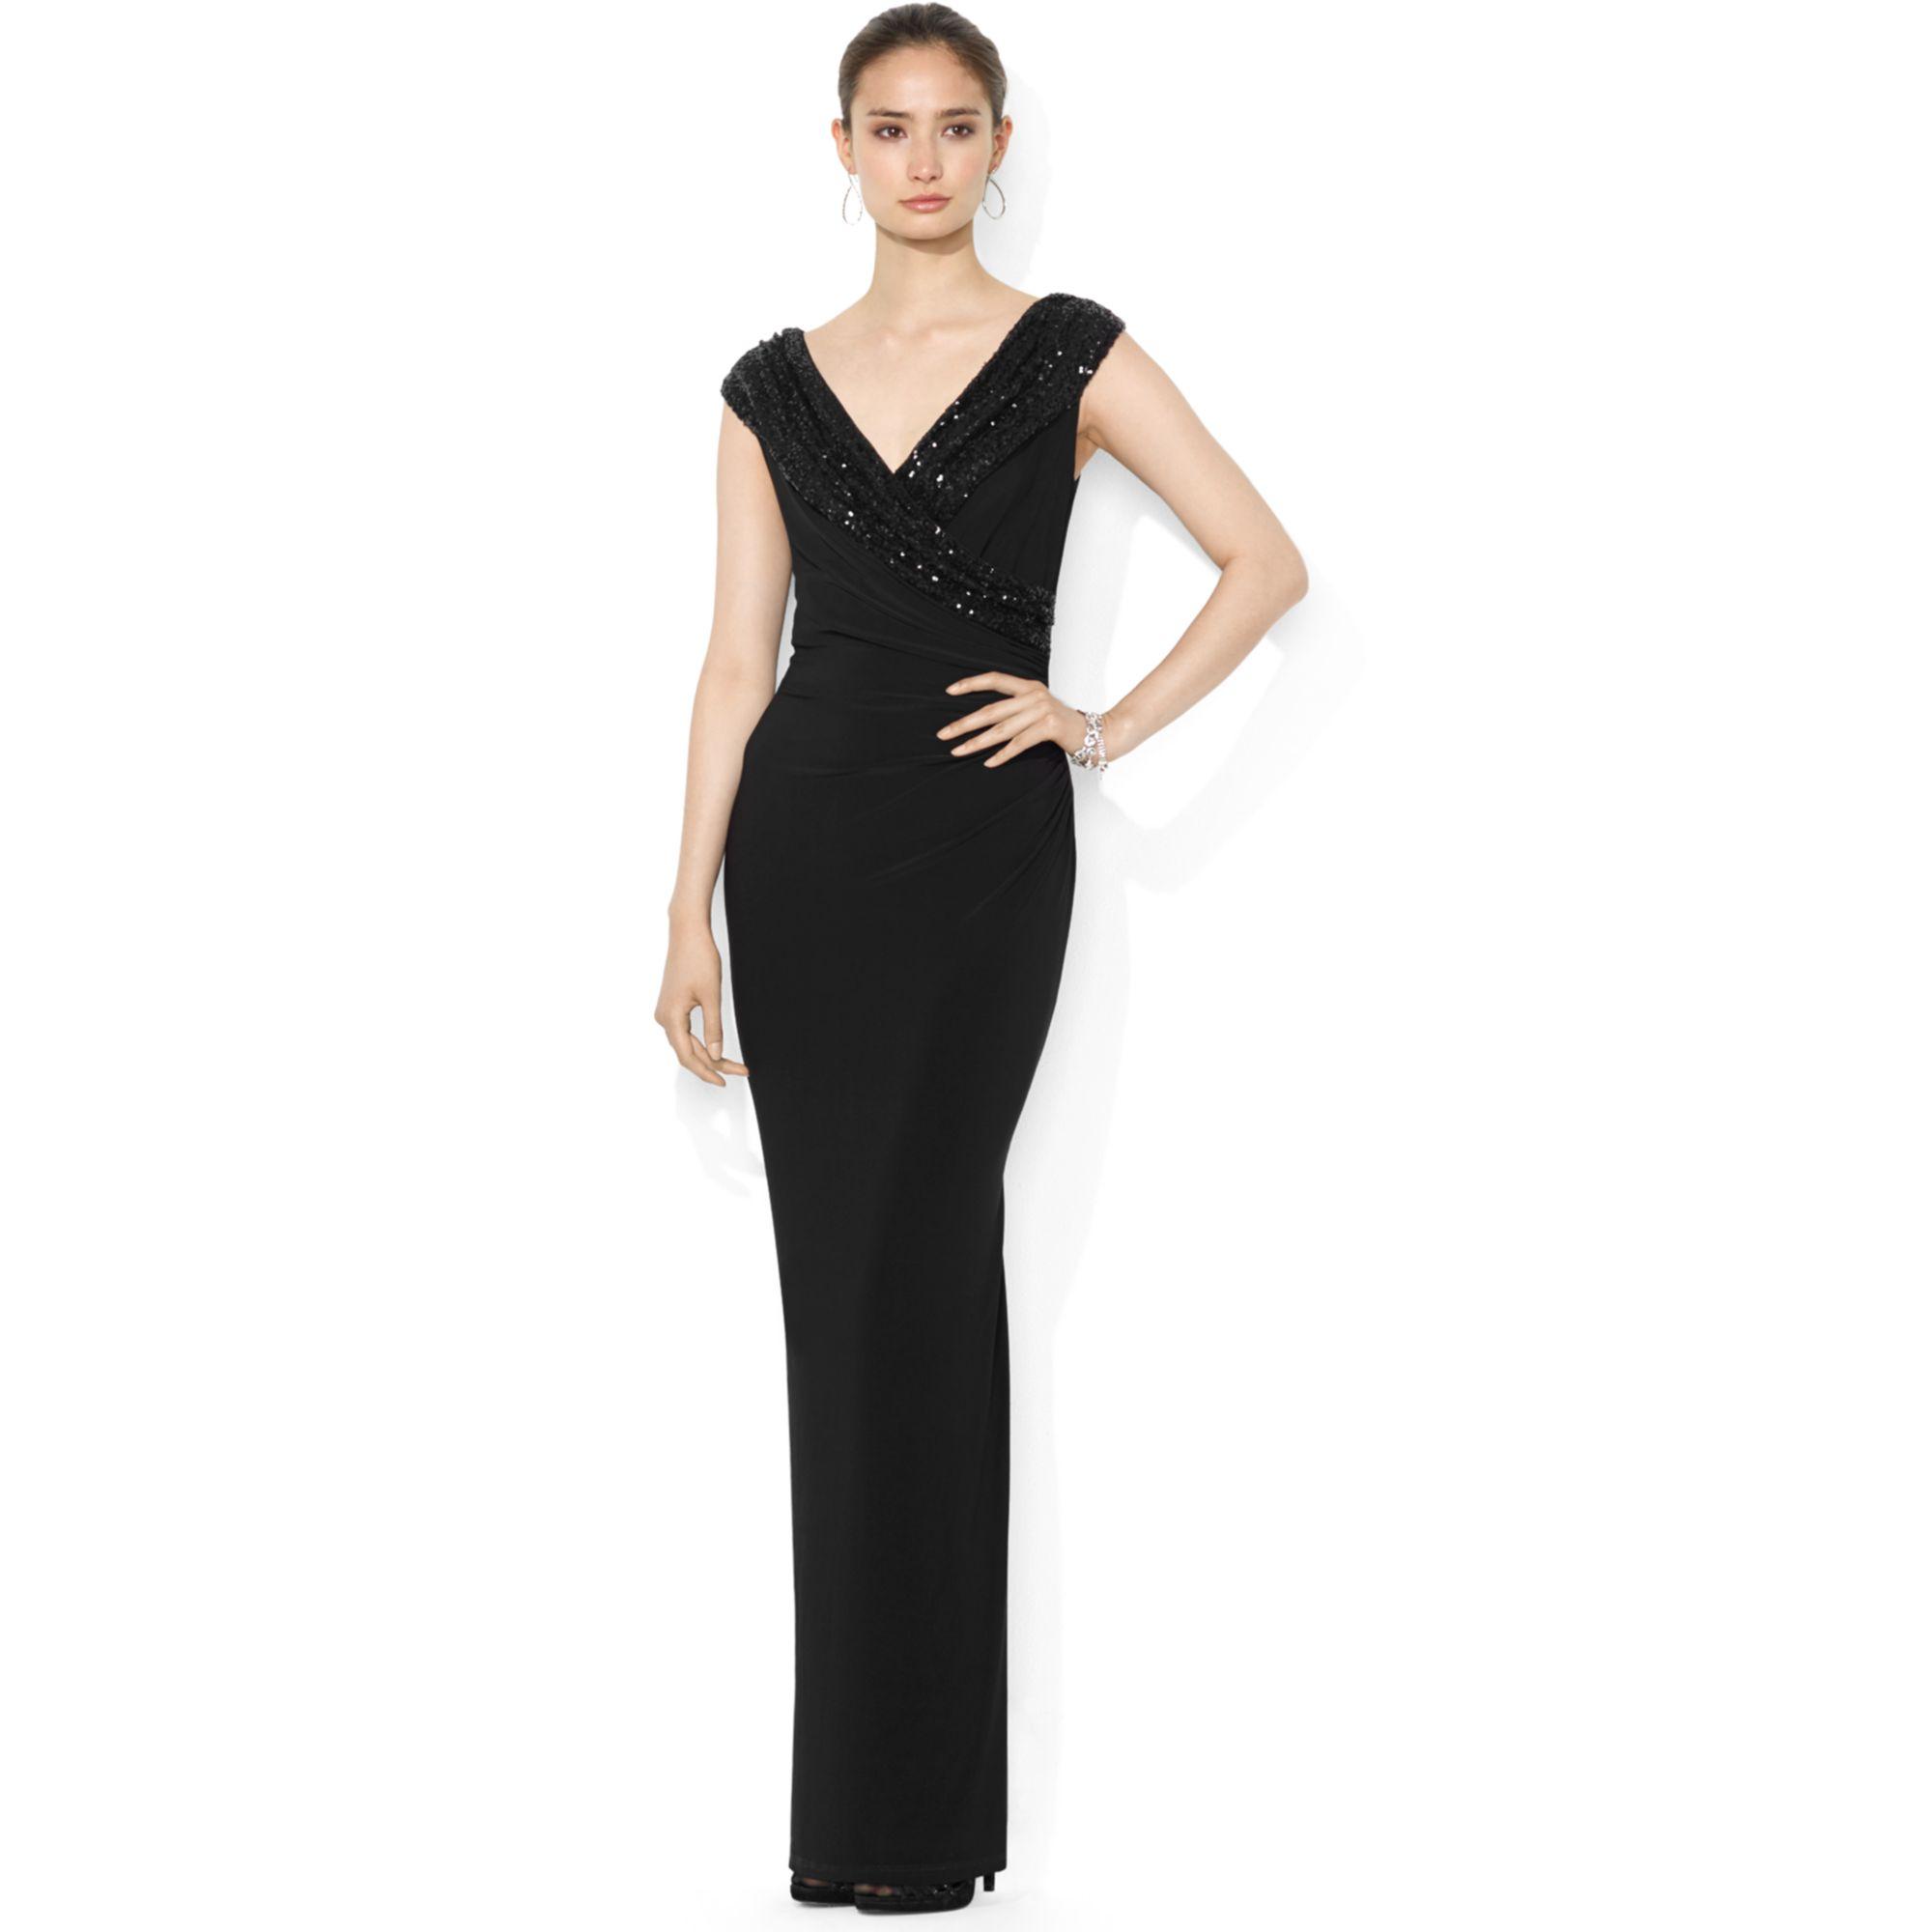 lauren by ralph lauren cap sleeve sequin mesh gown dress. Black Bedroom Furniture Sets. Home Design Ideas